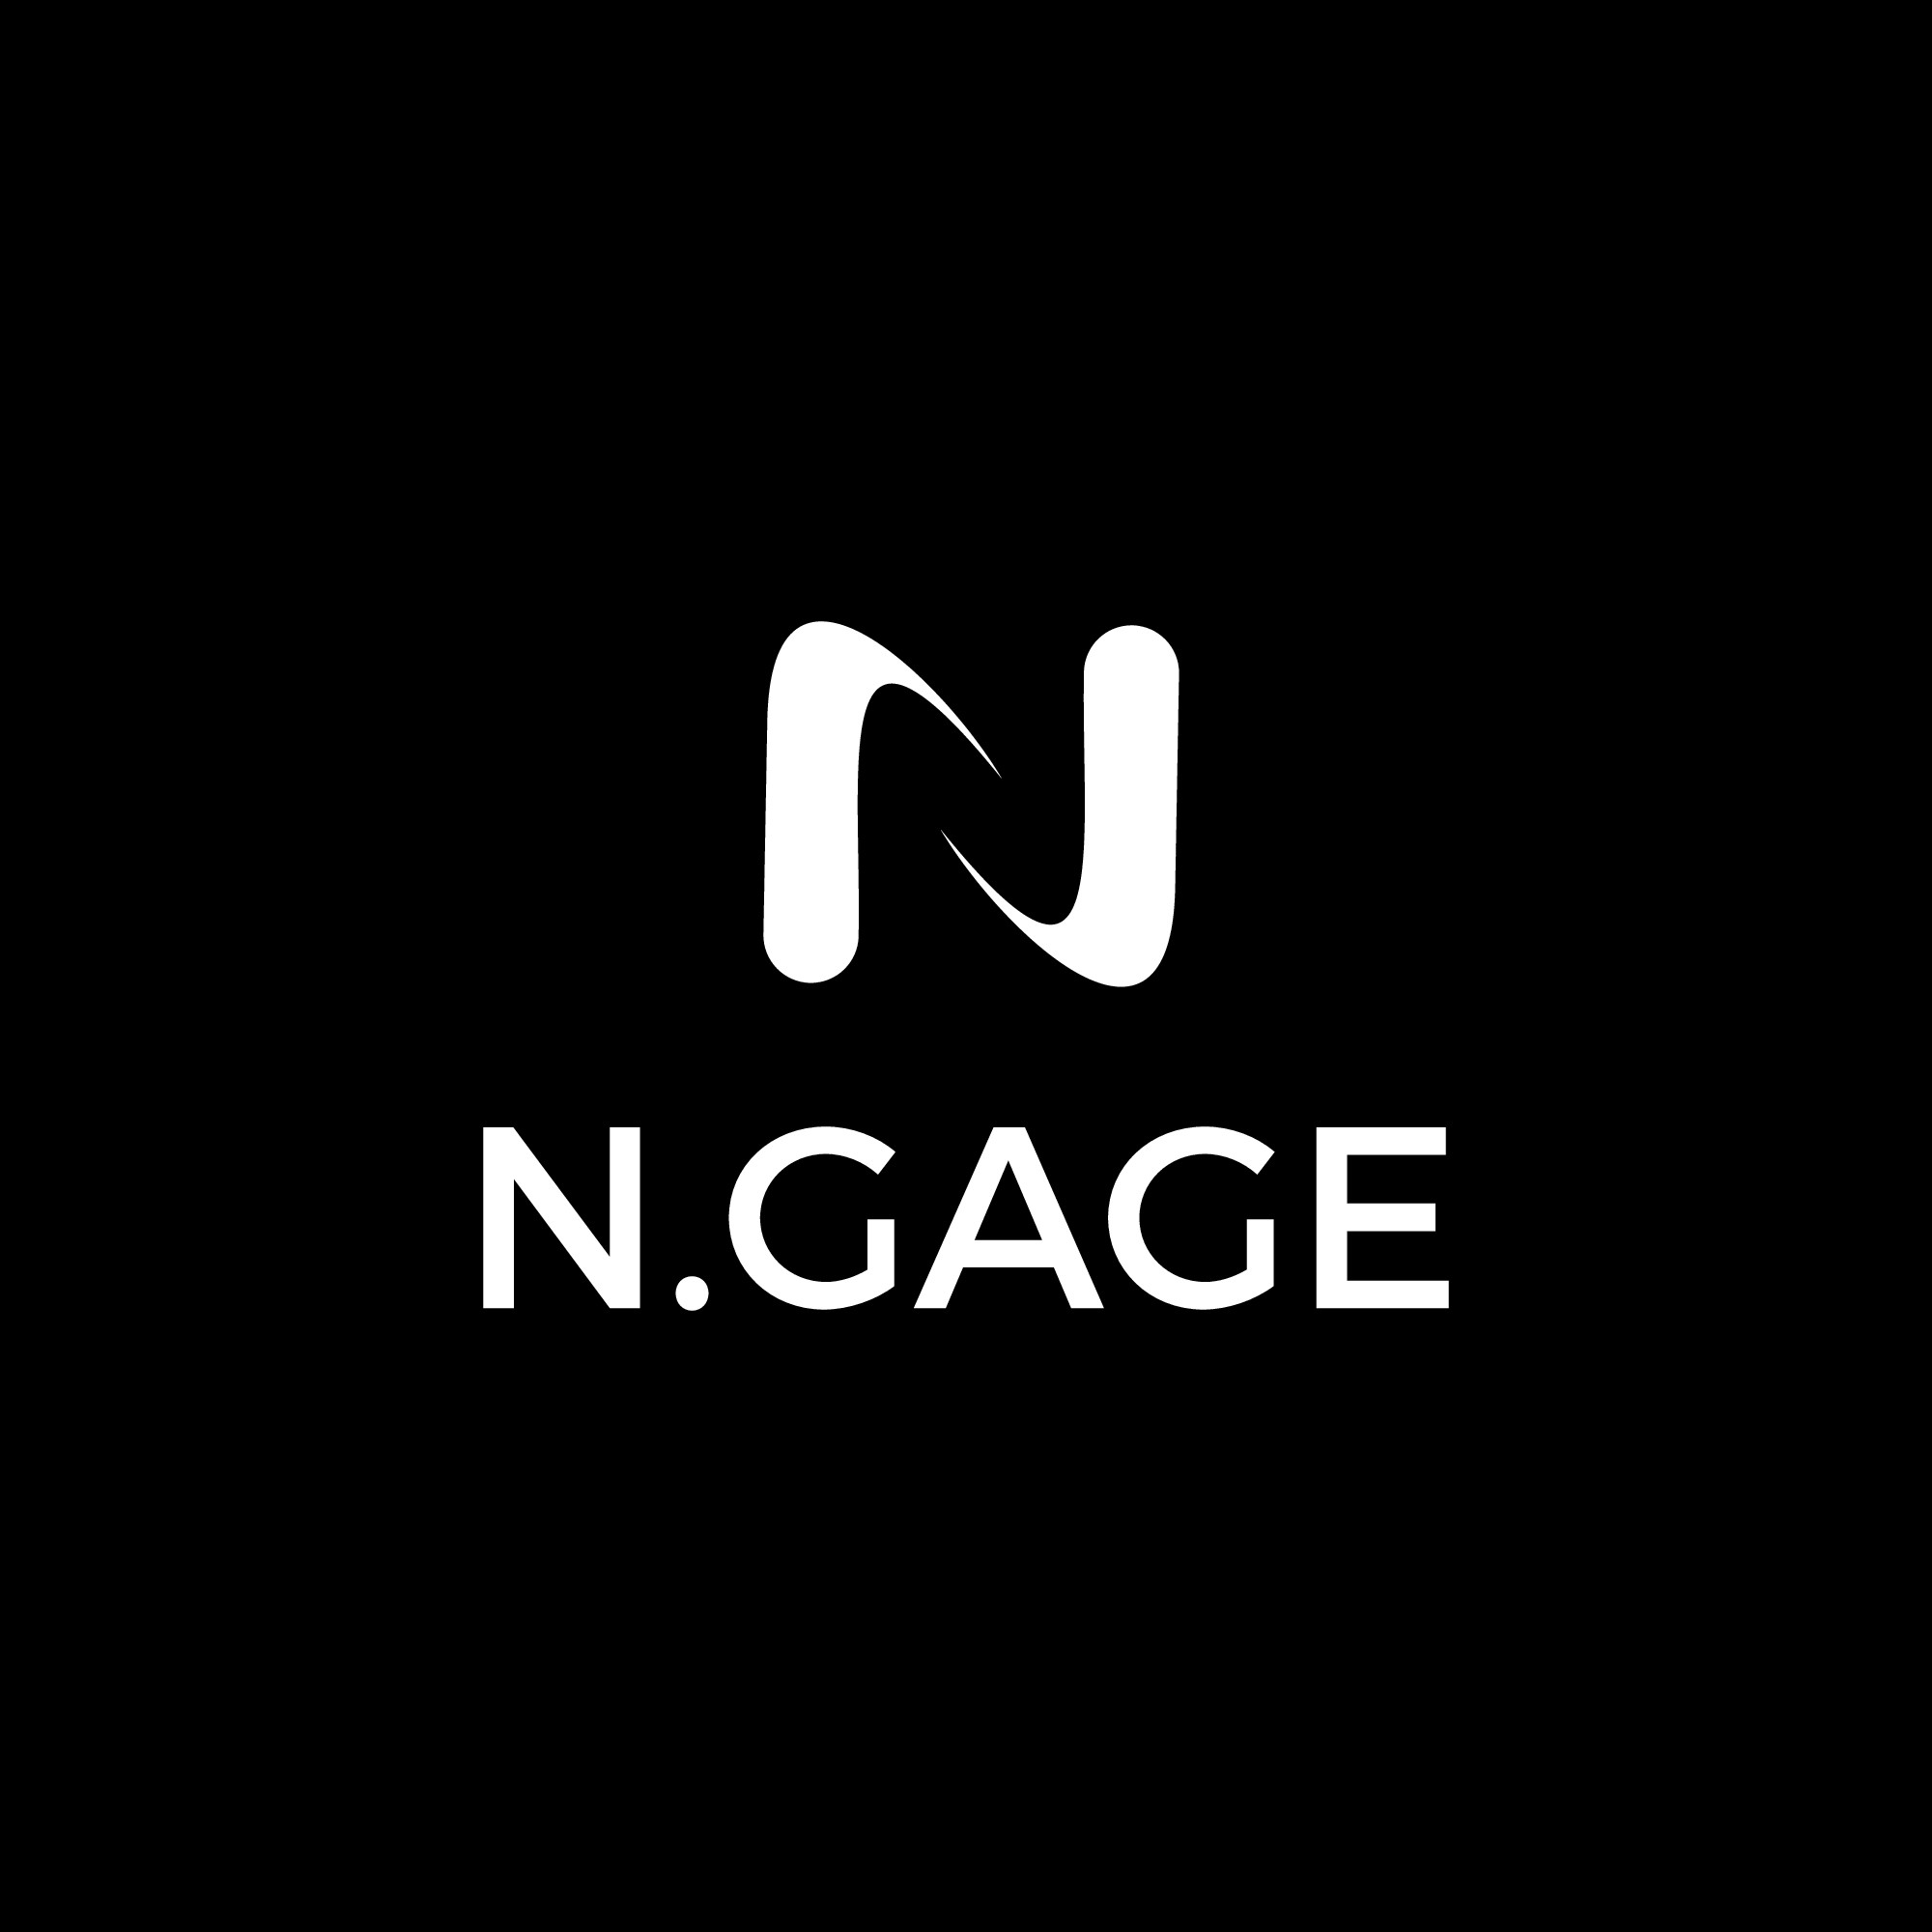 n.gage | Logo design for a digital agency